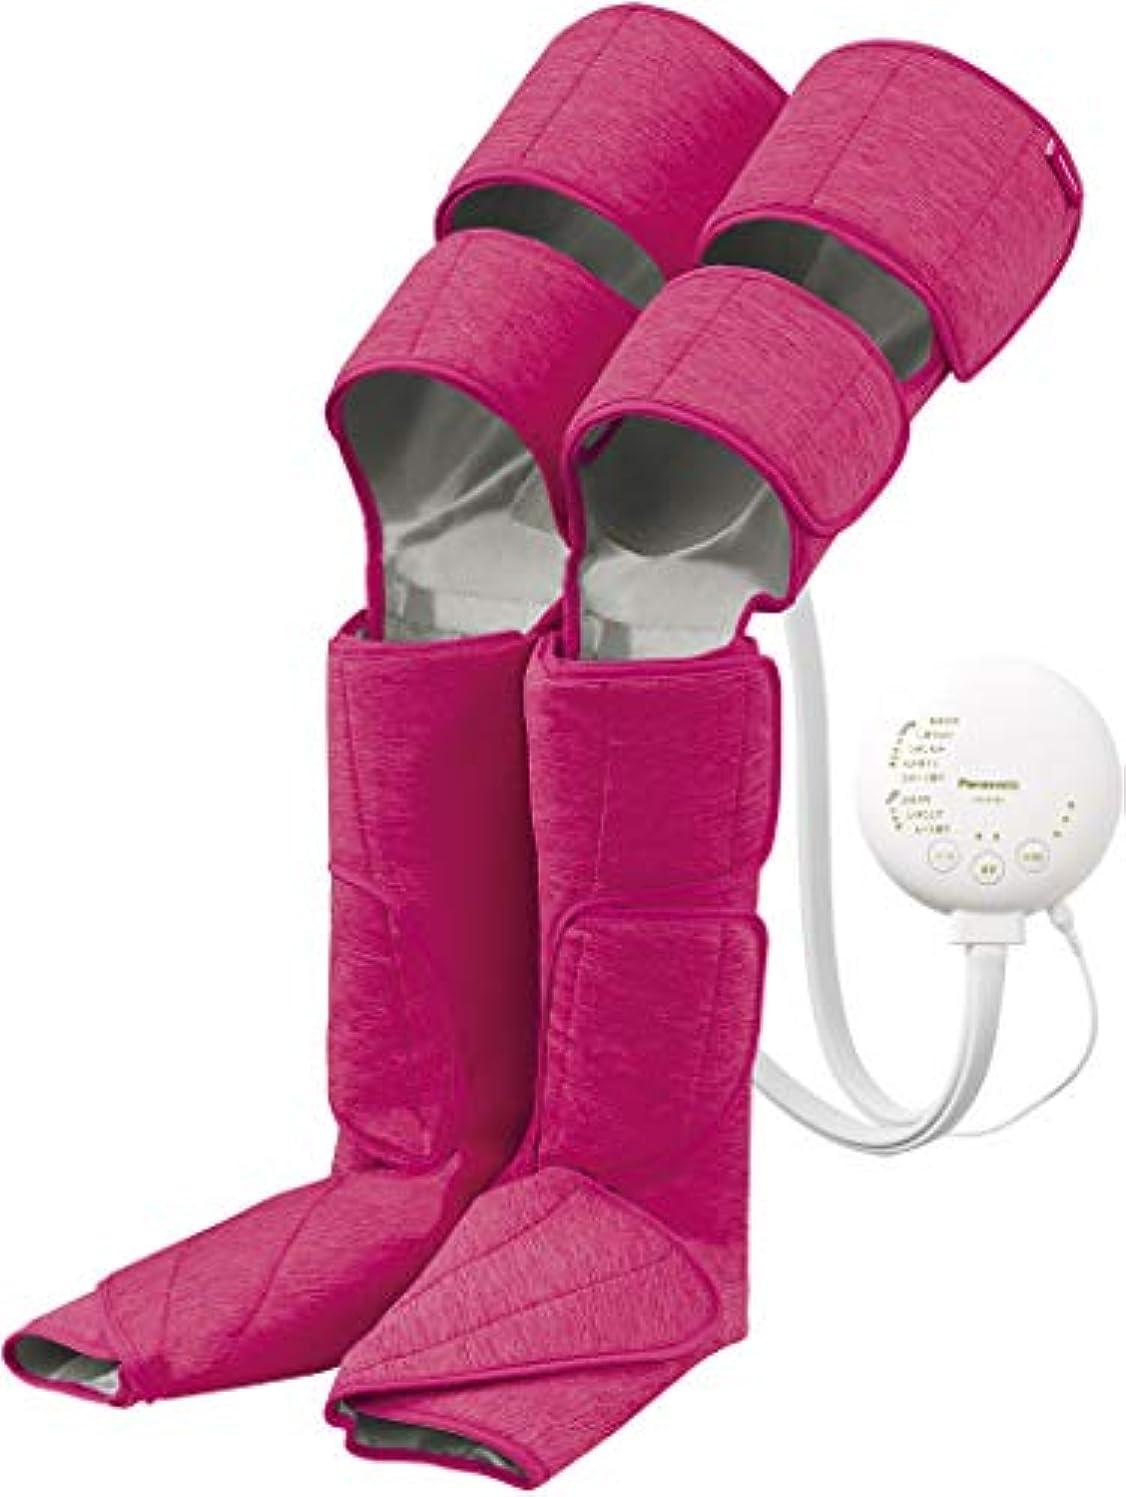 批判する馬鹿サンドイッチパナソニック エアーマッサージャー レッグリフレ ひざ/太もも巻き対応 温感機能搭載 ピンク EW-RA99-P